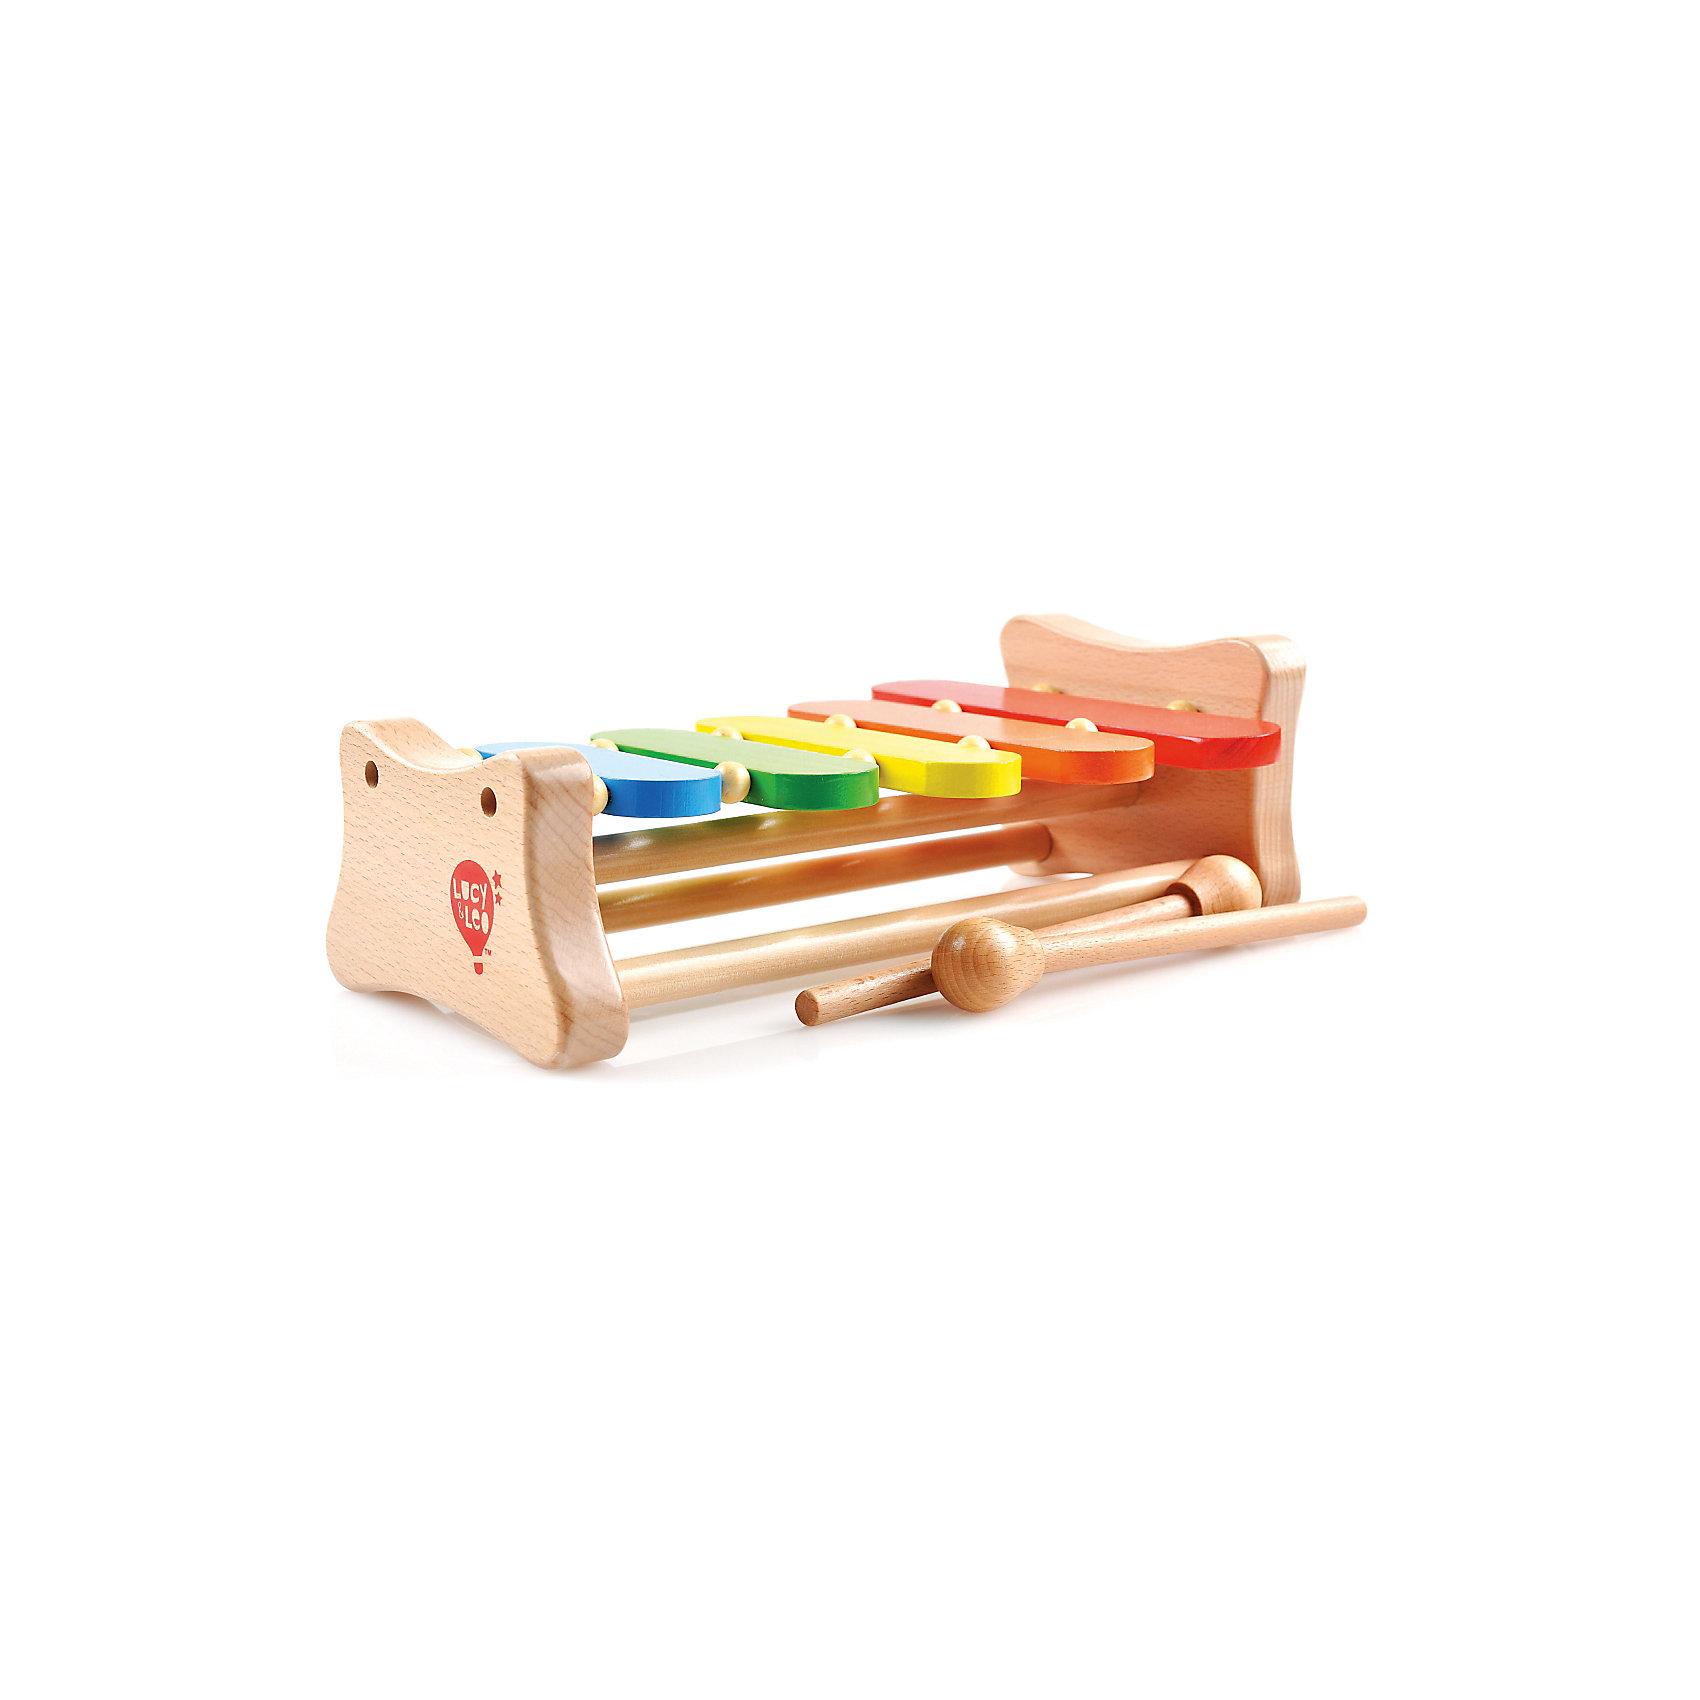 Ксилофон (5тонов), Мир деревянных игрушекКсилофон (5тонов) – легкий инструмент для маленьких музыкантов.<br>В комплект входят красивый, красочный ксилофон с пятью клавишами и 2 маленьких, но очень удобных молоточка. Инструмент легок в использовании, поэтому его можно купить даже самым маленьким детям. Изготовлен он из натуральной древесины и метала. Ксилофон развивает музыкальный слух, а благодаря ярким клавишам с ним легко учить цвета.<br>Дополнительная информация:<br>- размер: 295х185х105<br>- вес: 725г<br>- материал: дерево и металл<br>- возраст: от 3 лет<br><br>Ксилофон (5тонов) можно купить в нашем интернет-магазине.<br><br>Ширина мм: 295<br>Глубина мм: 185<br>Высота мм: 105<br>Вес г: 725<br>Возраст от месяцев: 36<br>Возраст до месяцев: 2147483647<br>Пол: Унисекс<br>Возраст: Детский<br>SKU: 4895893